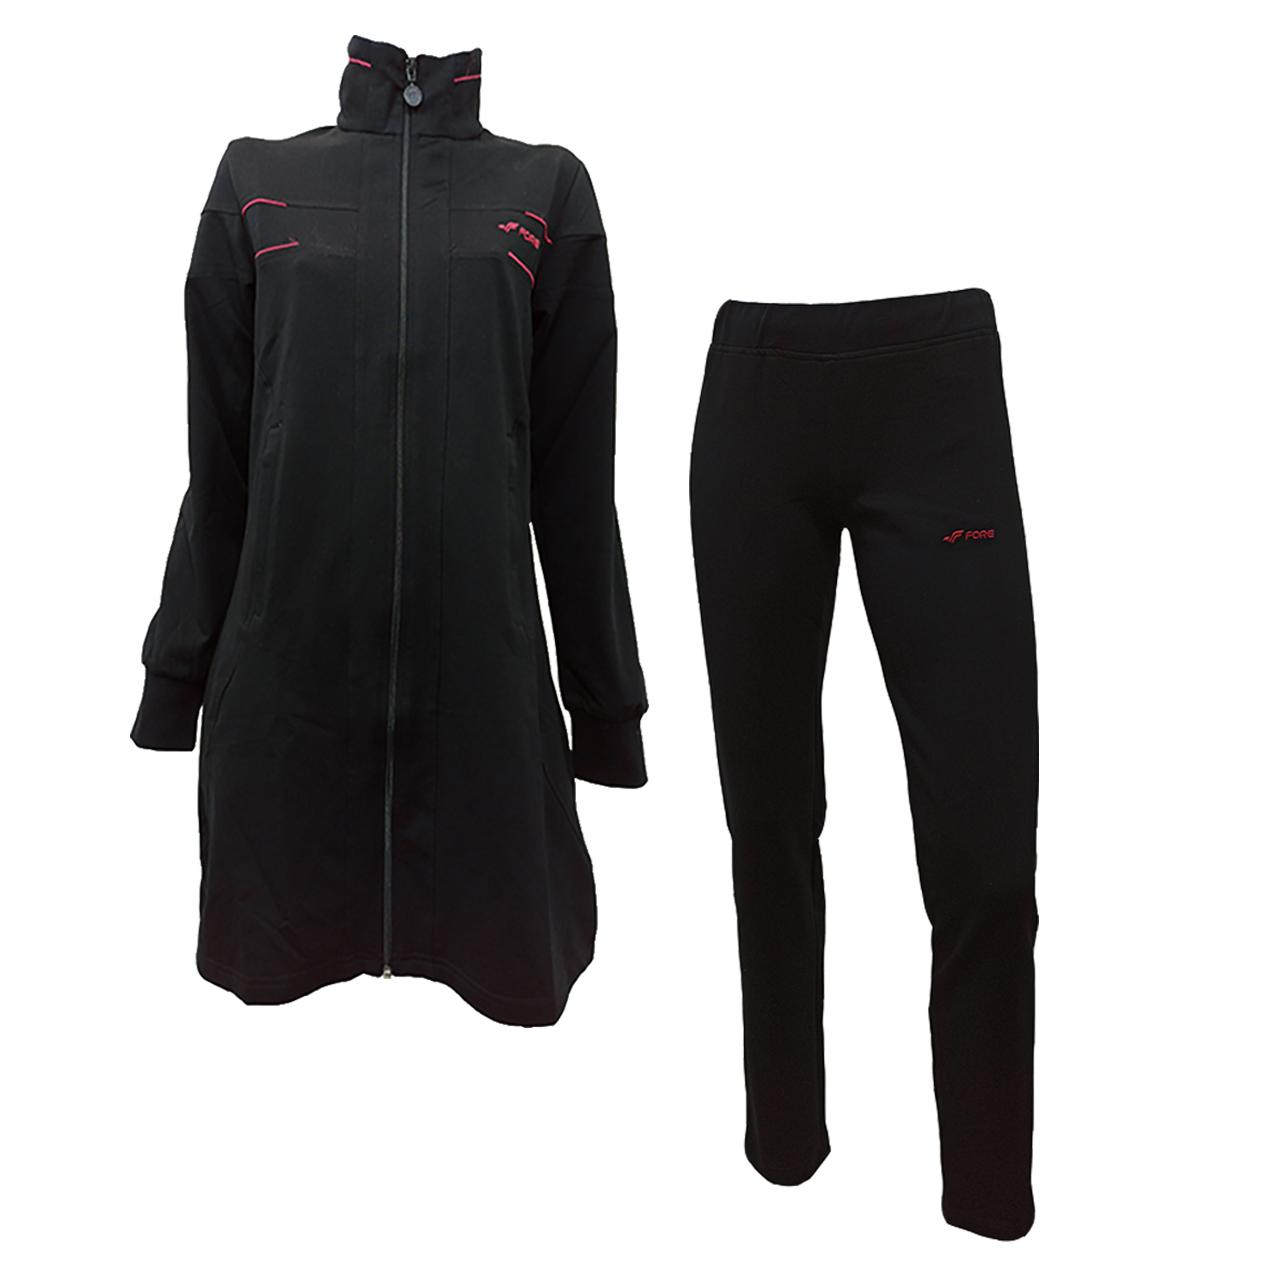 ست گرمکن و شلوار ورزشی زنانه فوره مدل bk162035